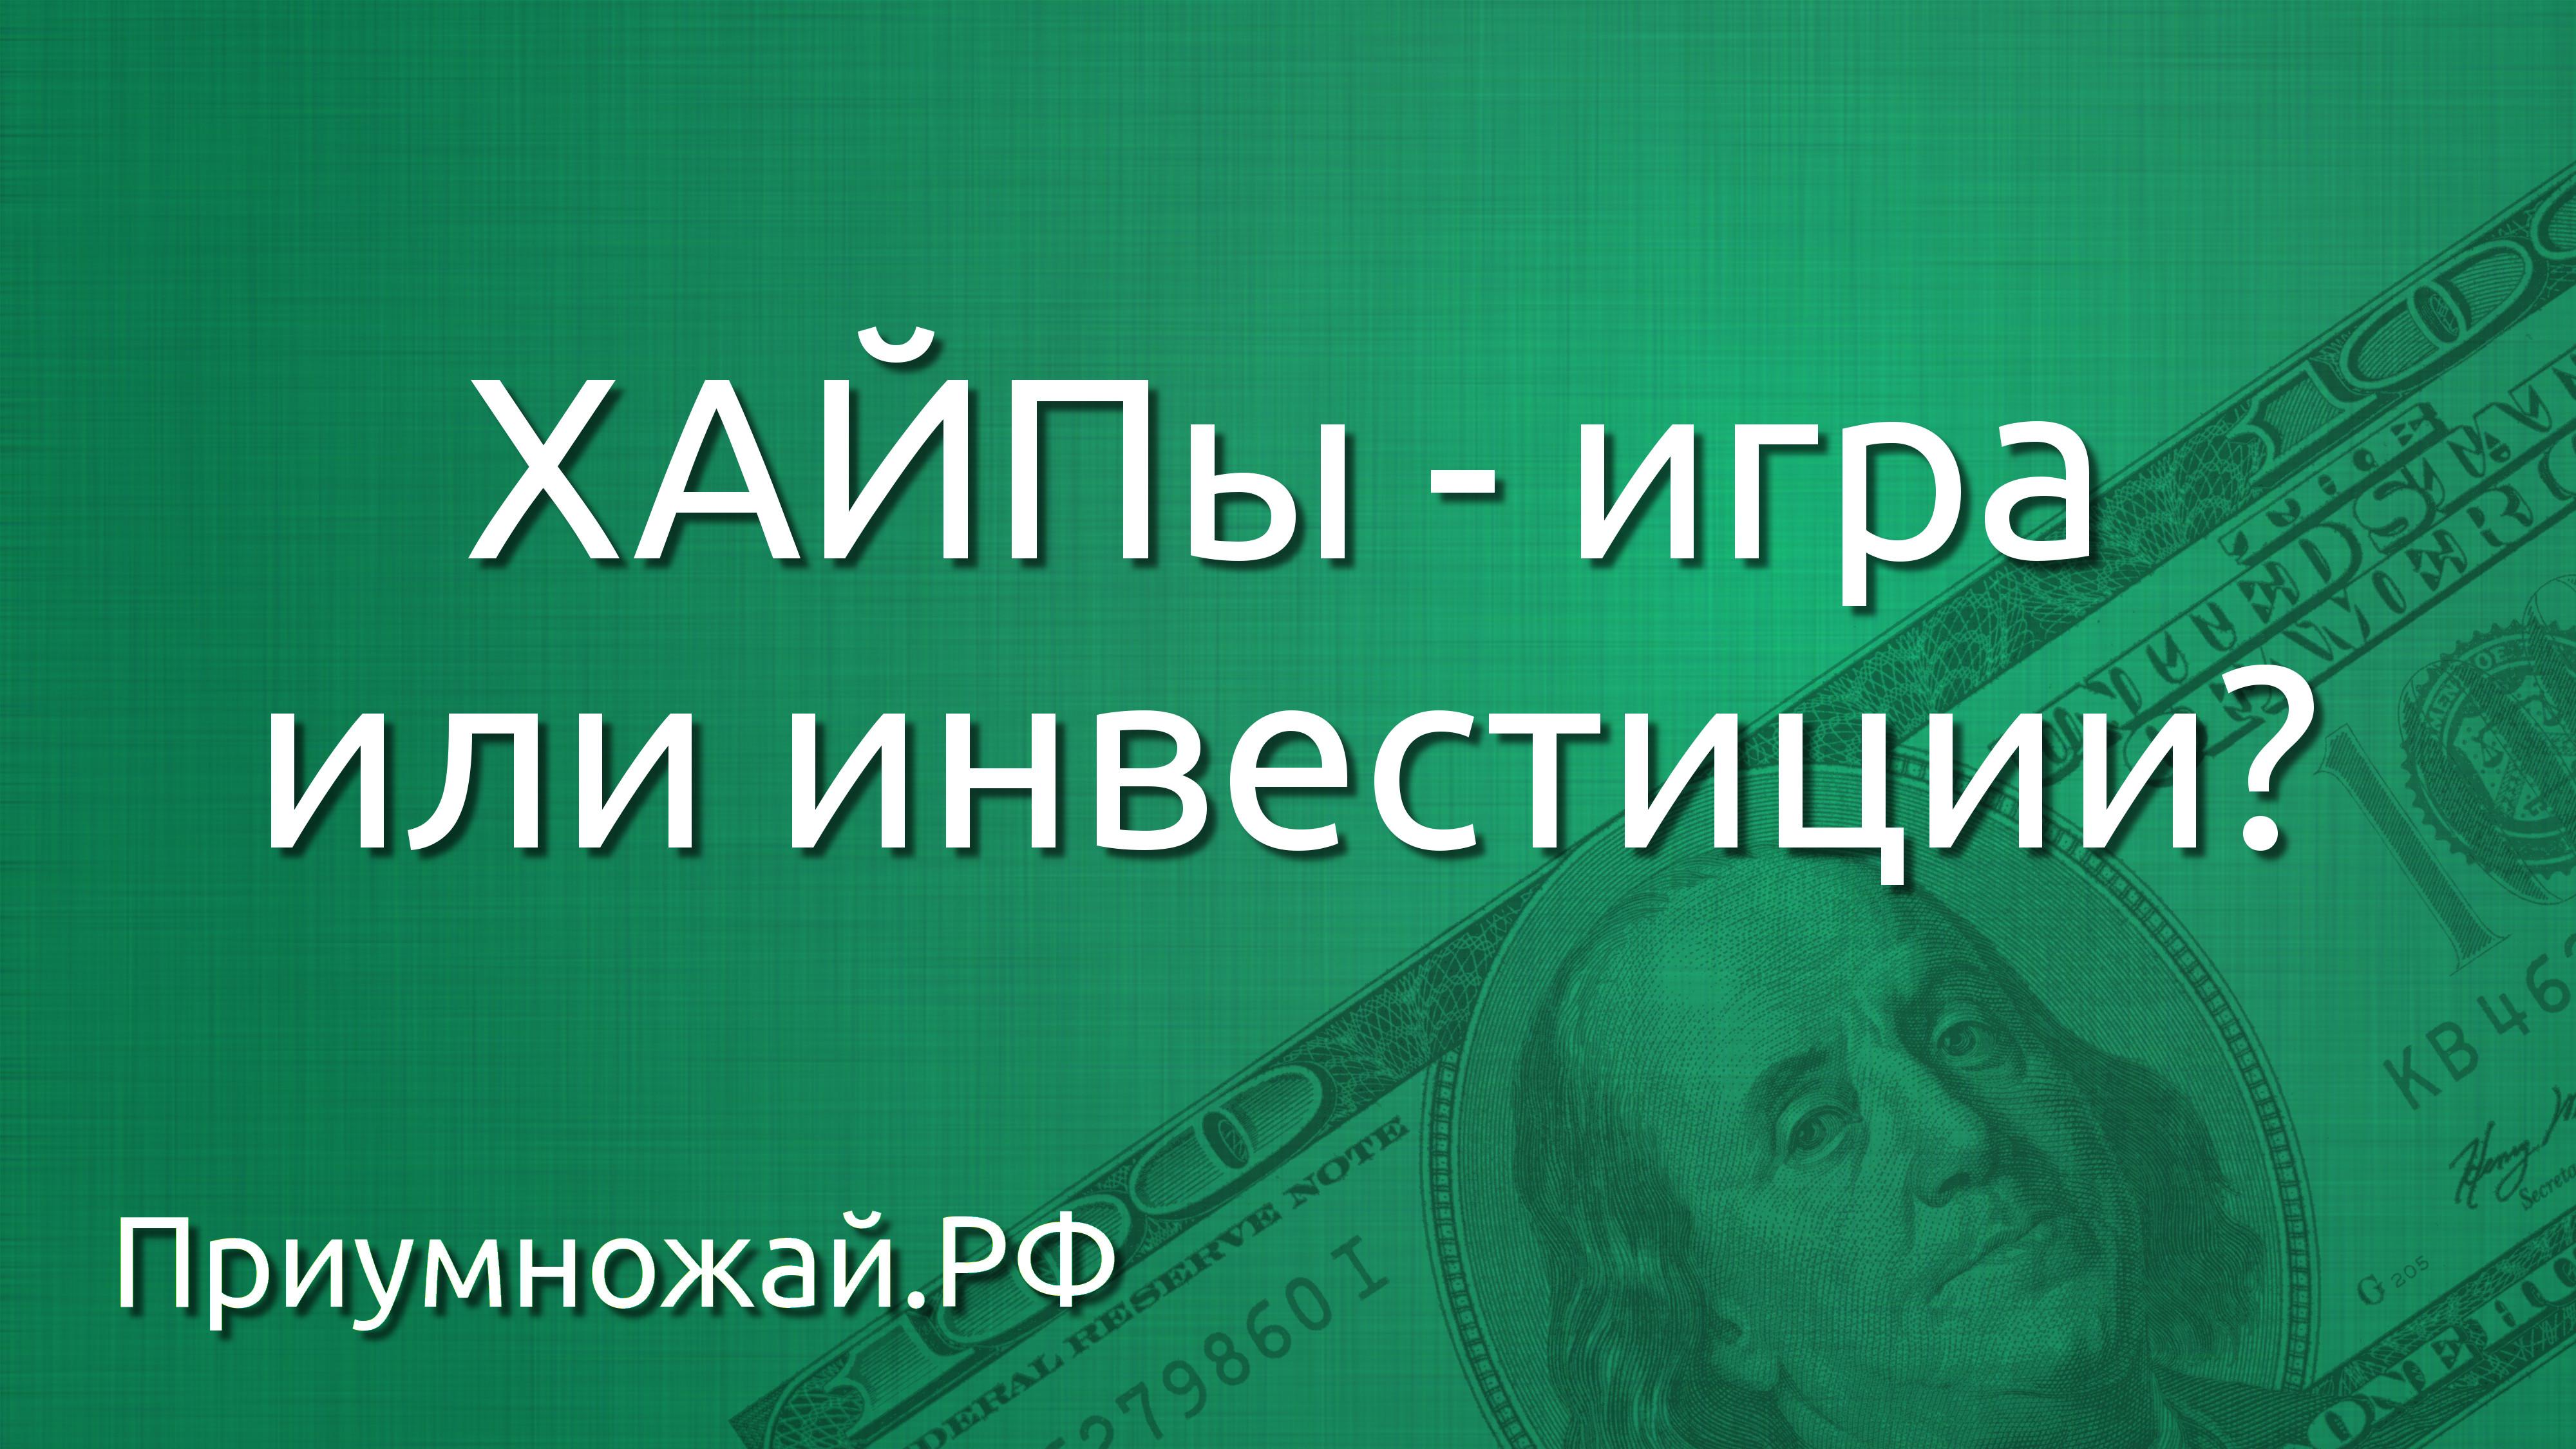 ХАЙПы - азартная игра или реальные инвестиции